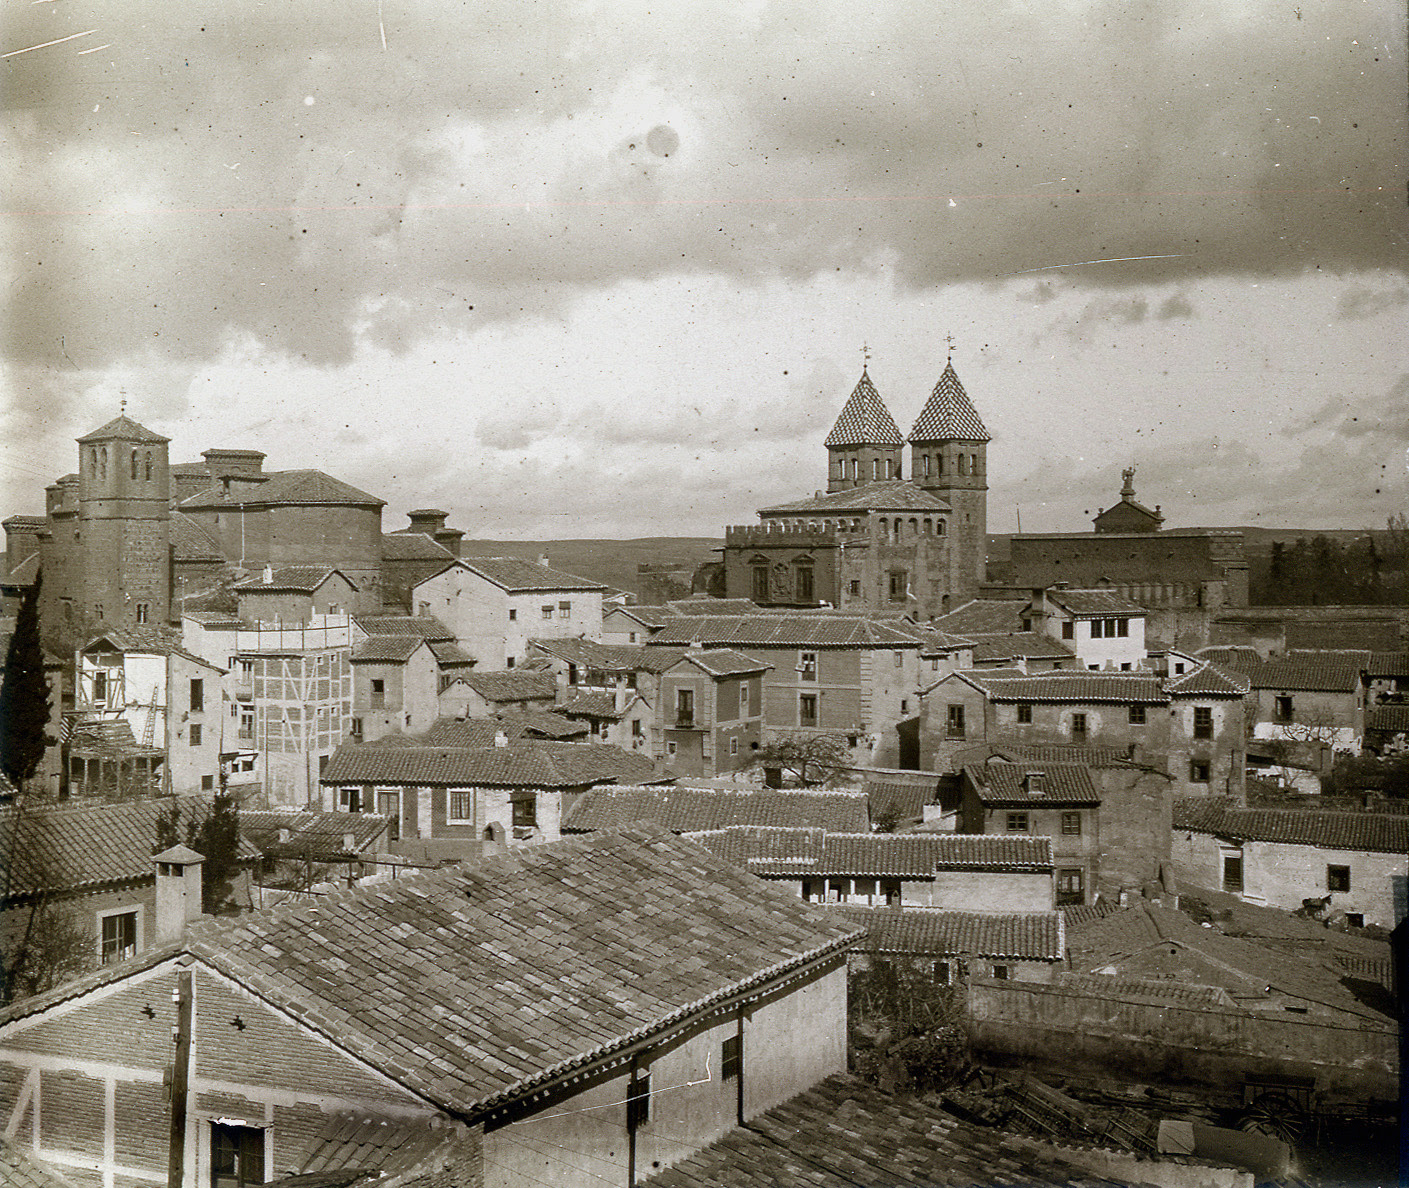 Iglesia de Santiago del Arrabal y Puerta de Bisagra (Toledo) a principios del siglo XX